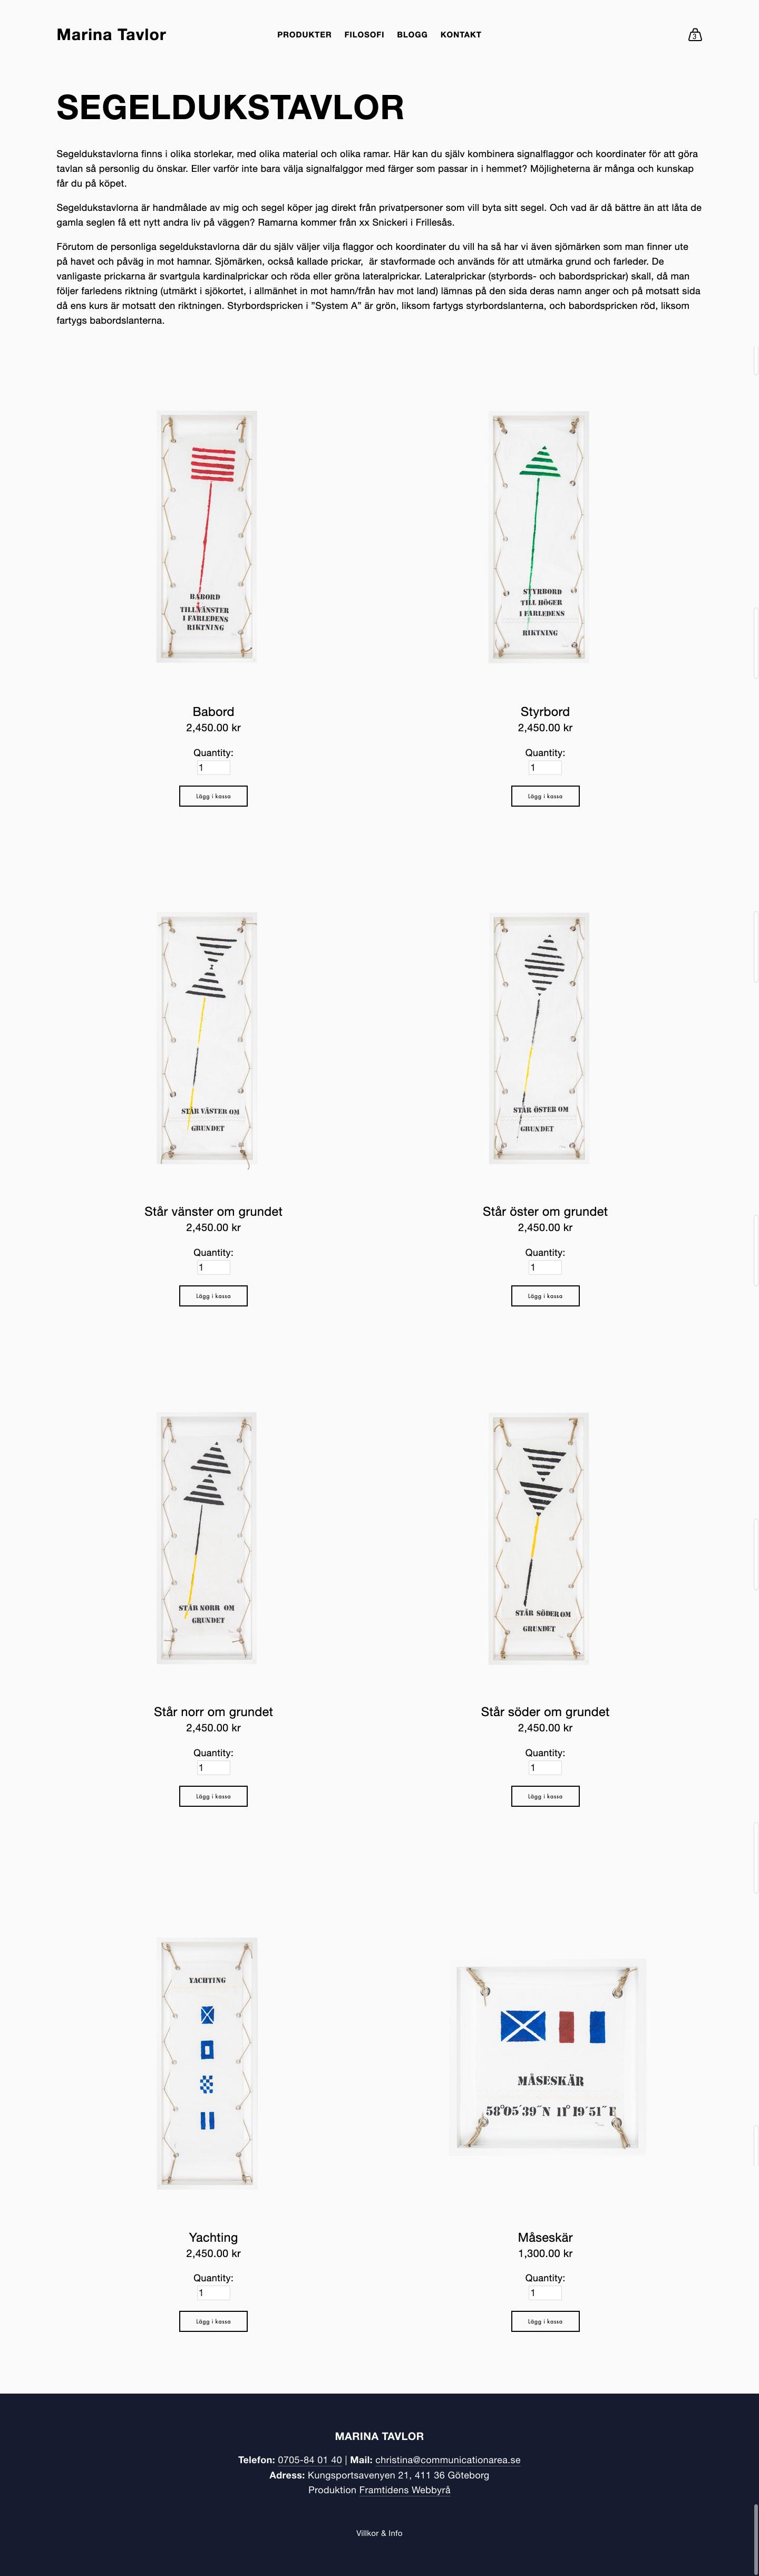 framtidens-webbyrå-uppdrag-marina-tavlor-4.jpg